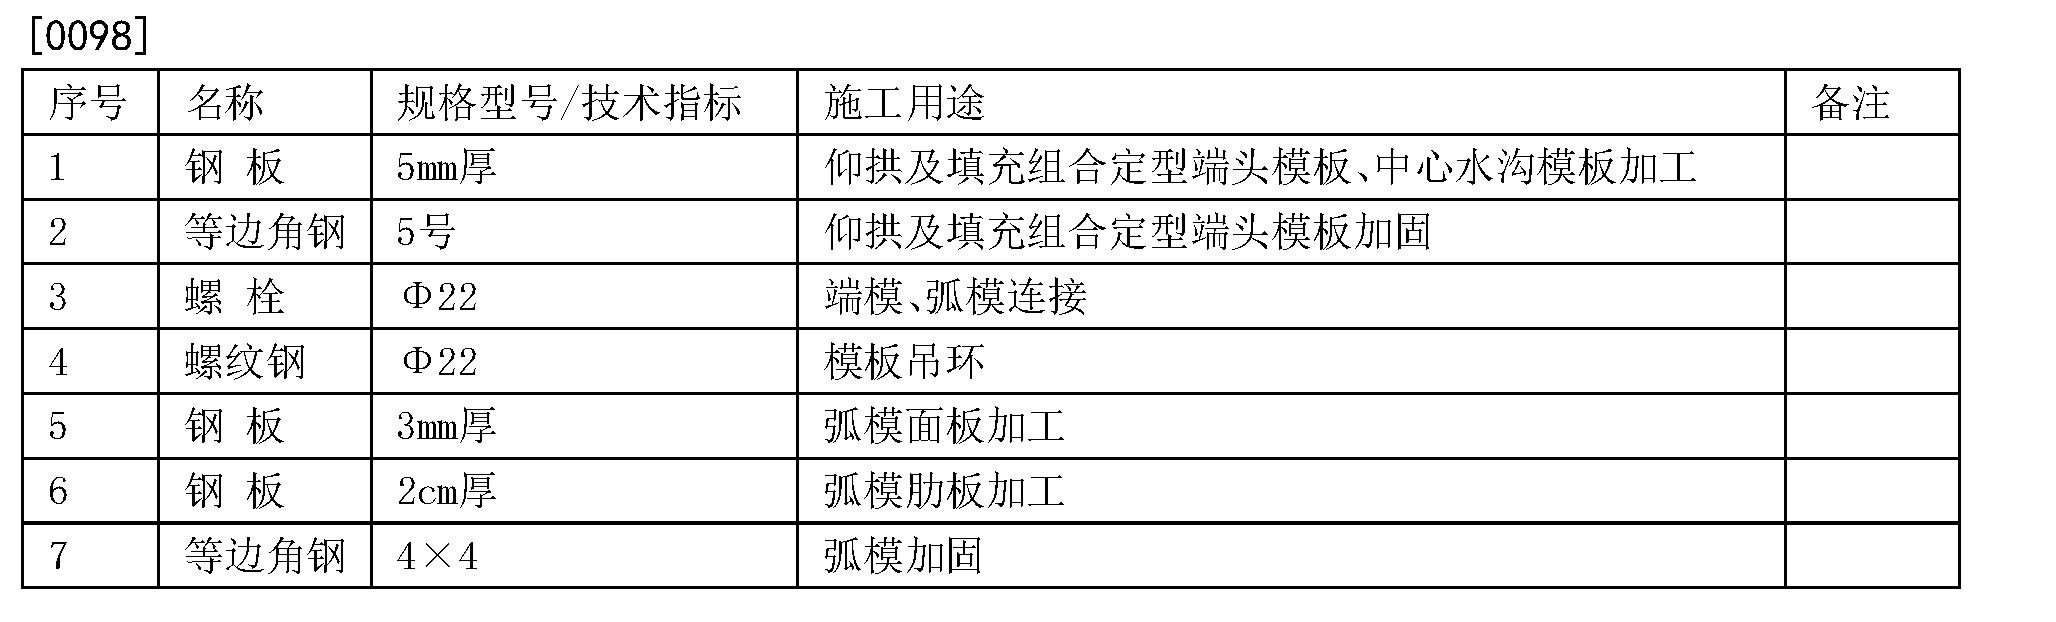 Figure CN105134253BD00091